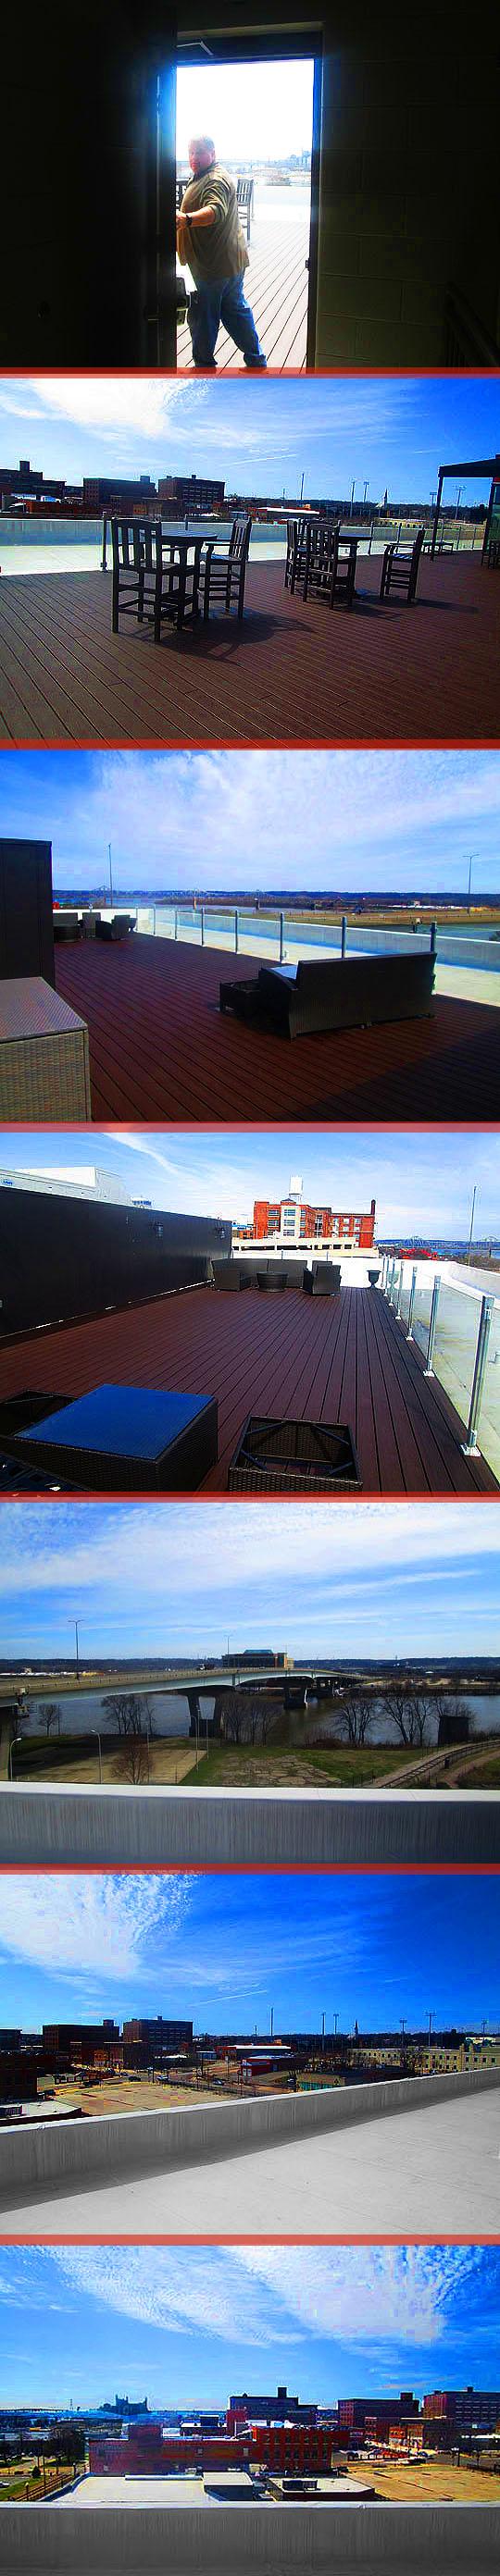 11. rooftop_april5-18.jpg